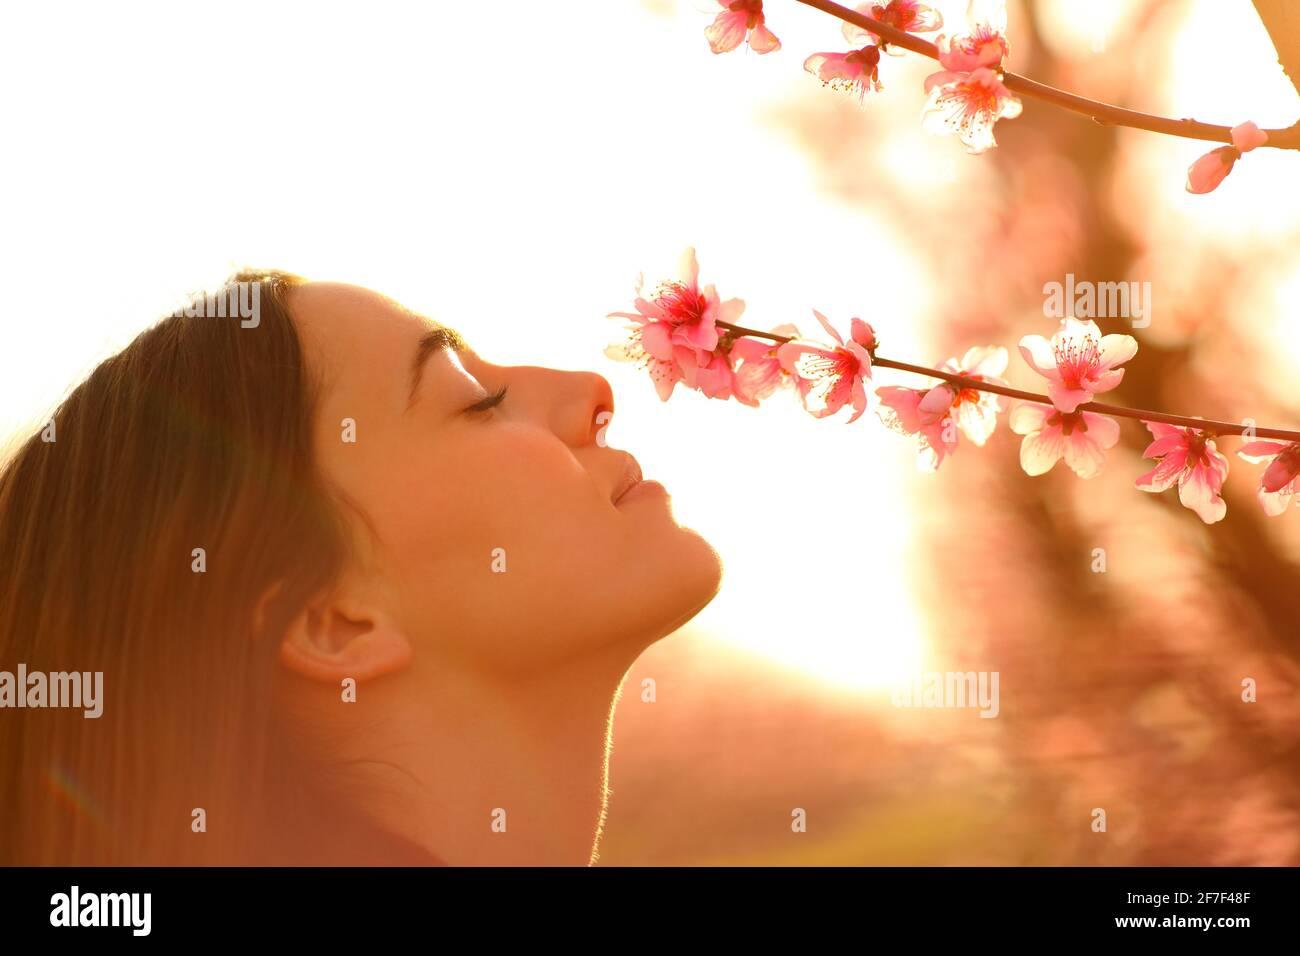 Profil d'une femme heureuse qui sent des fleurs de l'arbre pendant fleurir au printemps au coucher du soleil dans un champ Banque D'Images